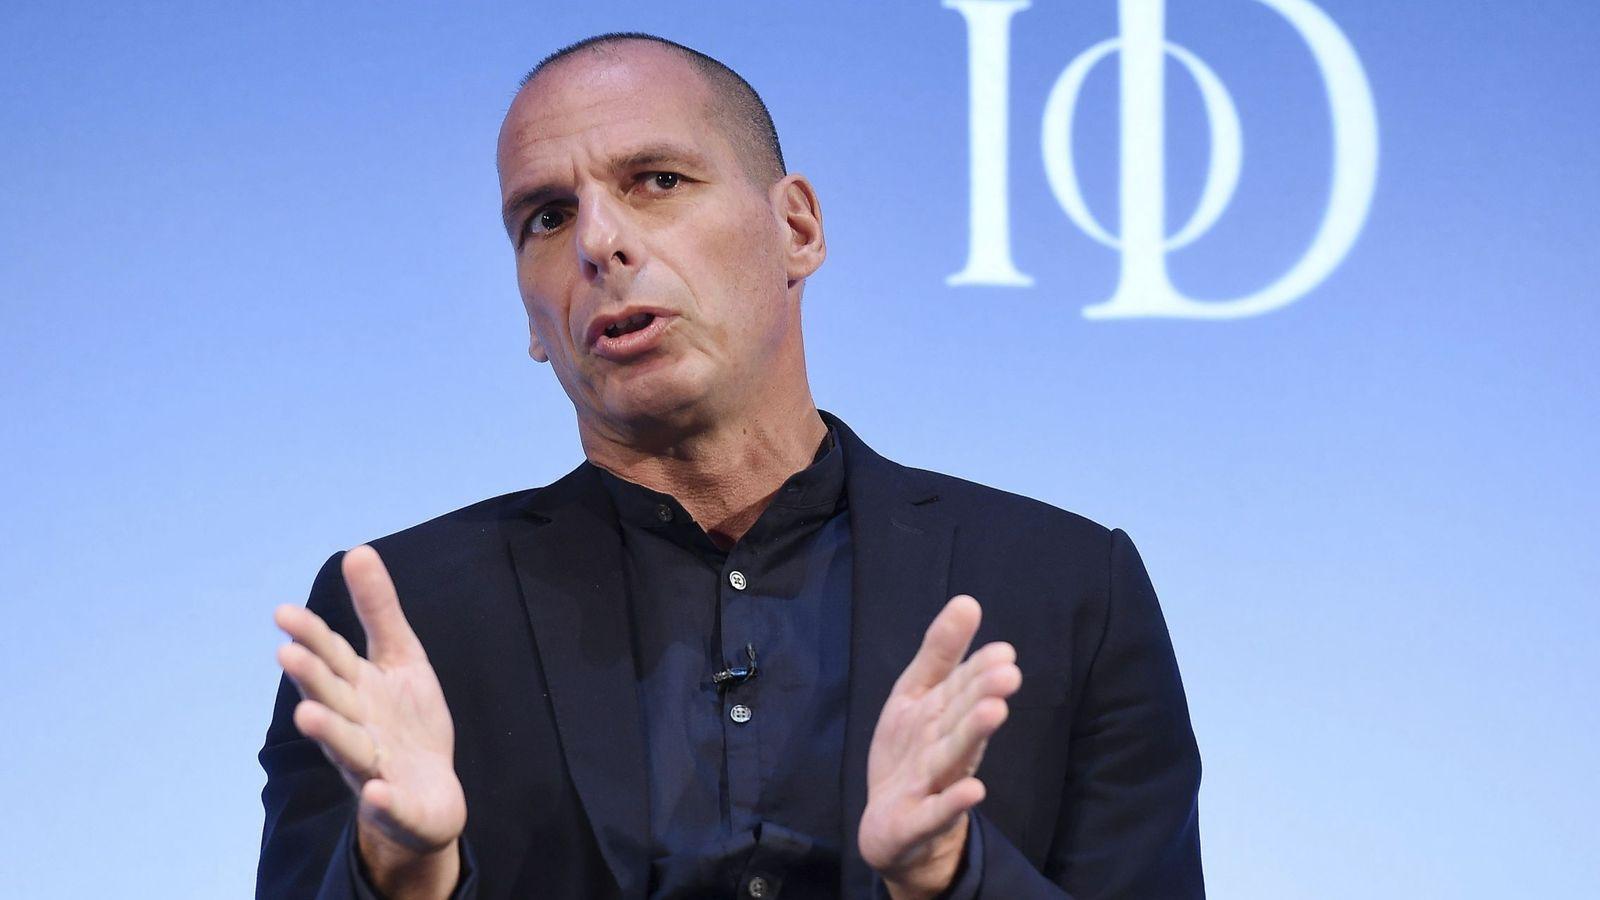 Foto: El exministro griego de Finanzas Yanis Varoufakis ofrece un discurso en el Instituto de Directores en el Royal Albert Hall de Londres en 2016. (EFE)